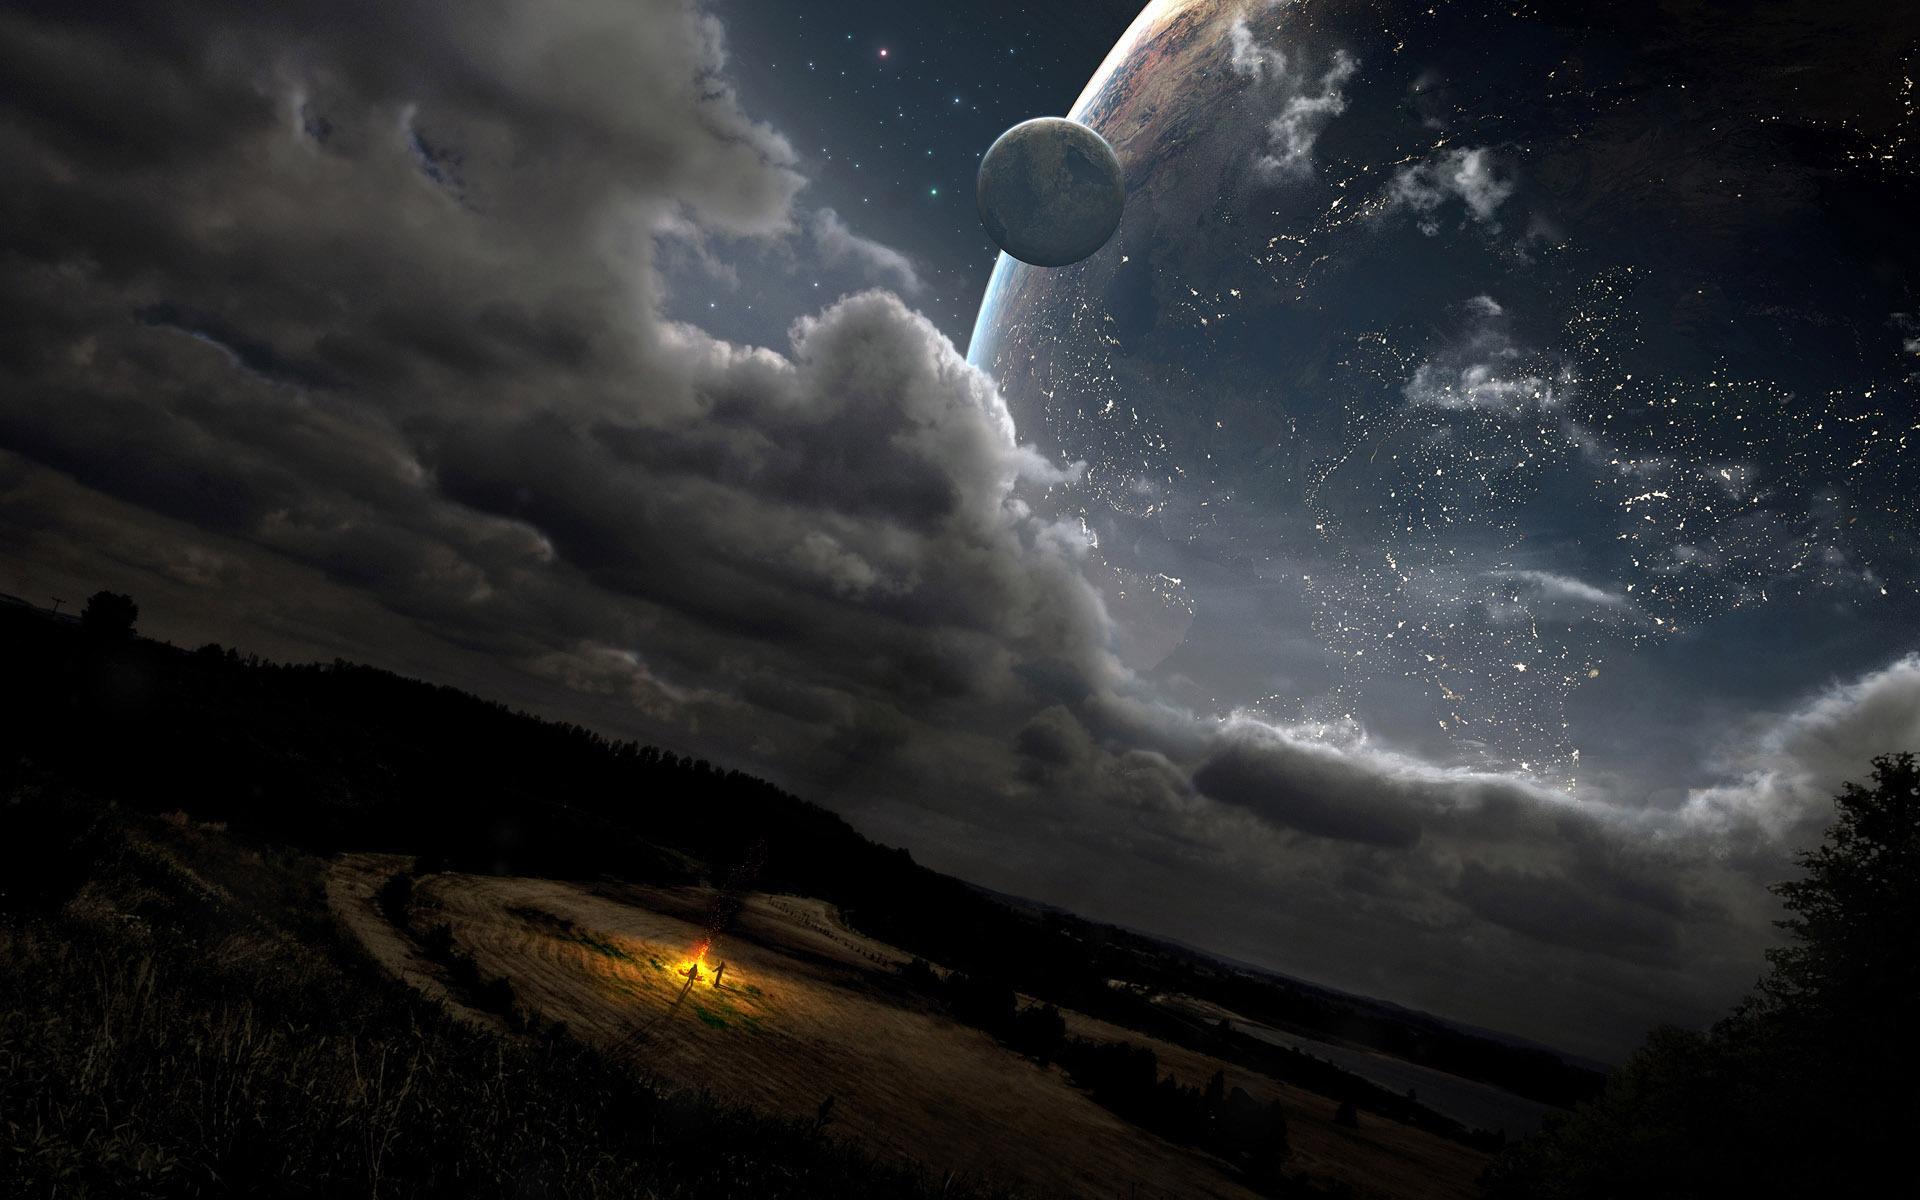 31674 Hintergrundbild herunterladen Landschaft, Fantasie, Planets, Universum - Bildschirmschoner und Bilder kostenlos